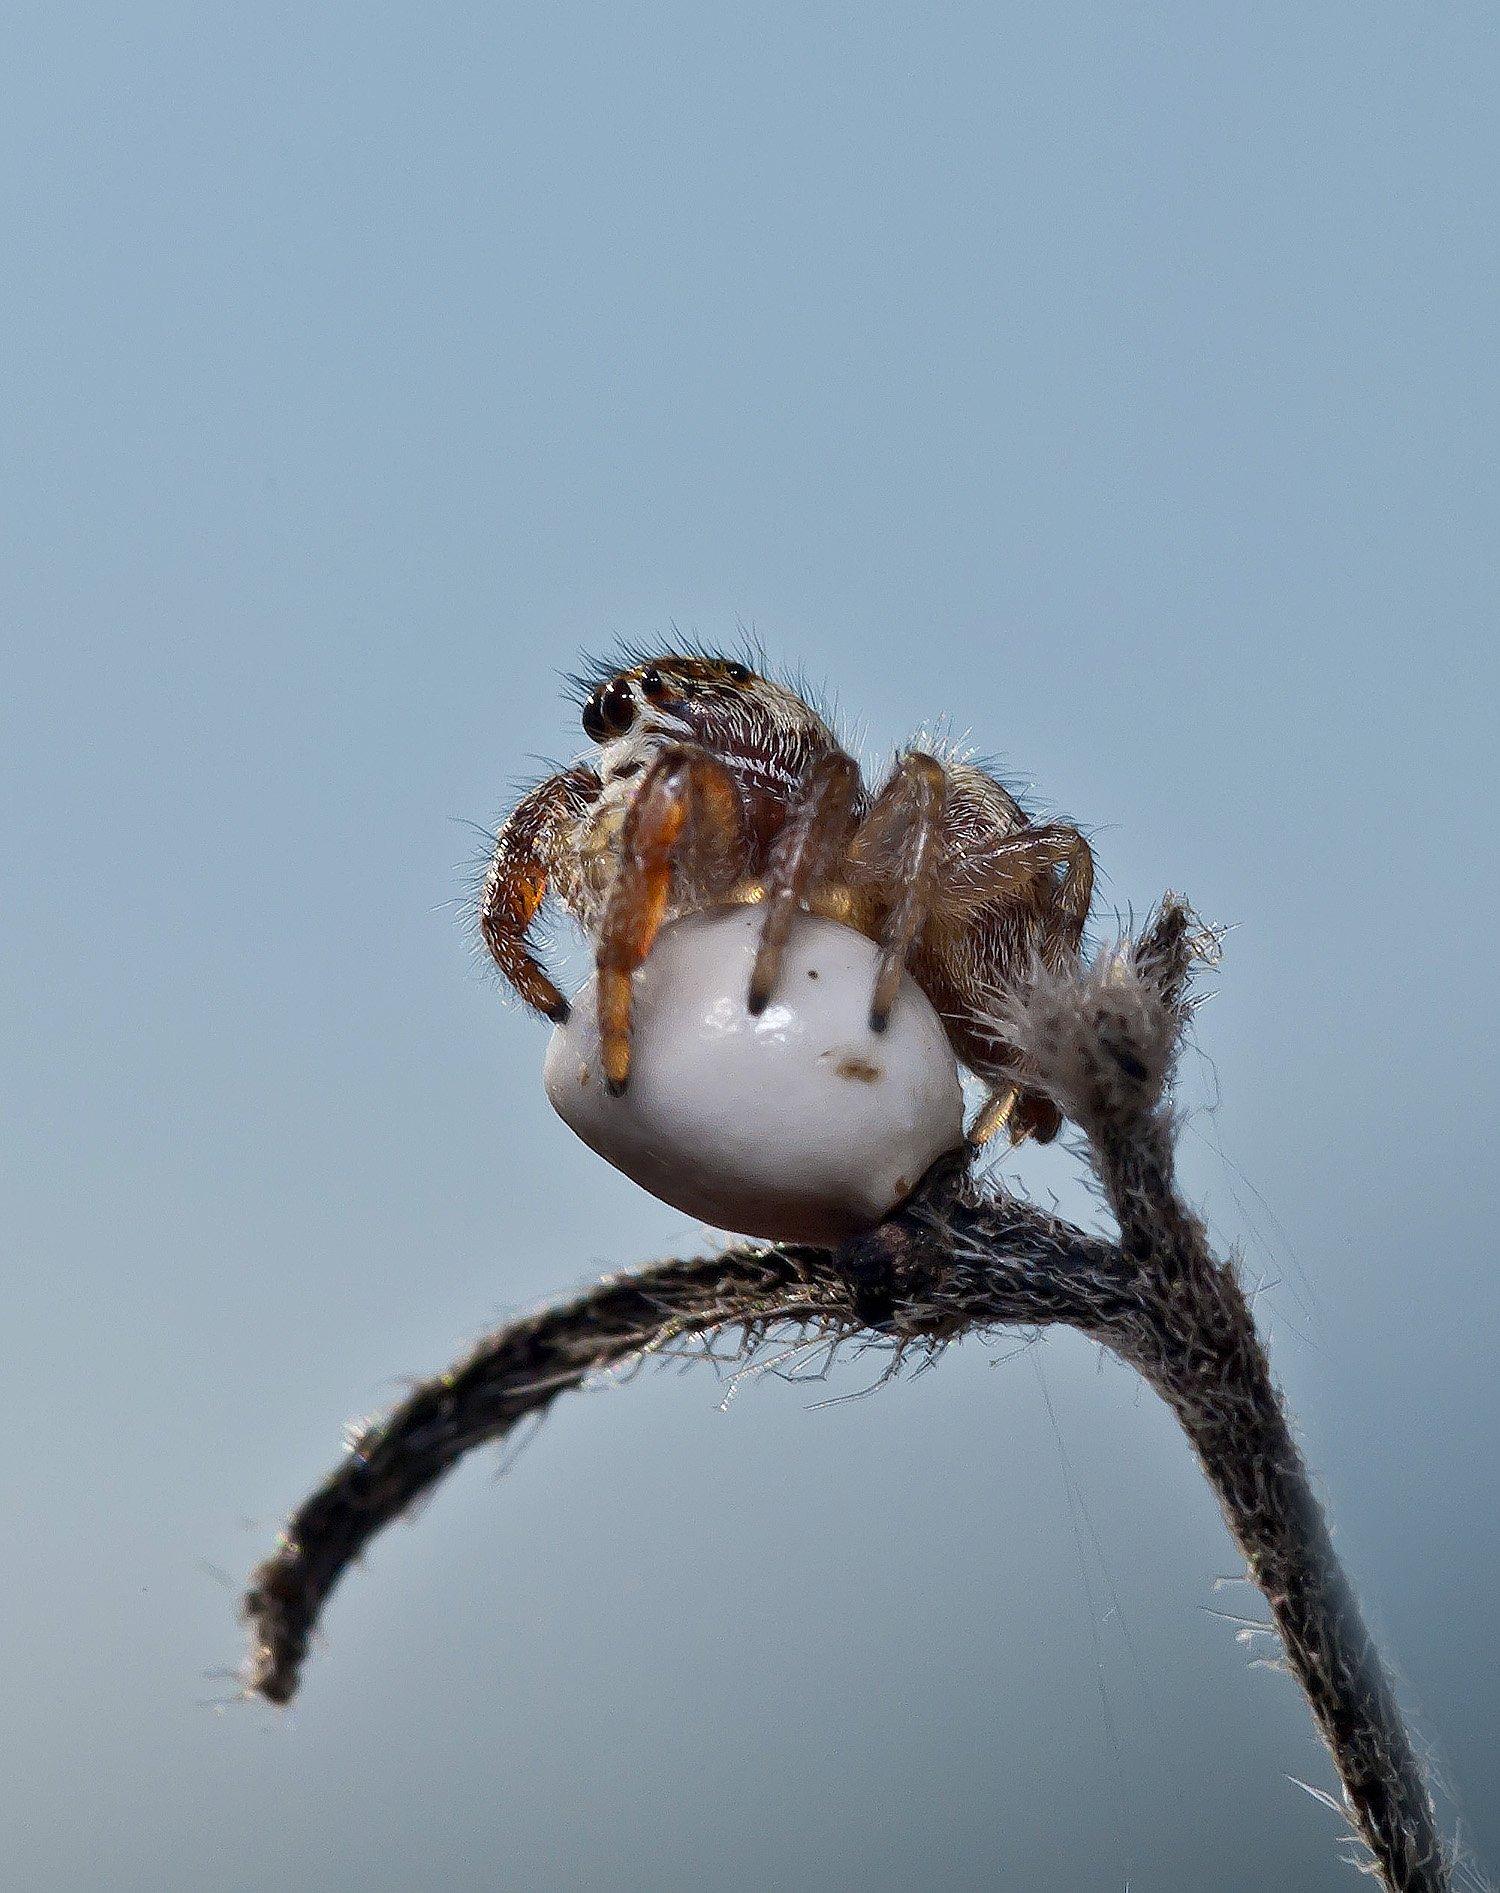 макро, насекомые, пауки, скакунчик, Александр Земляной